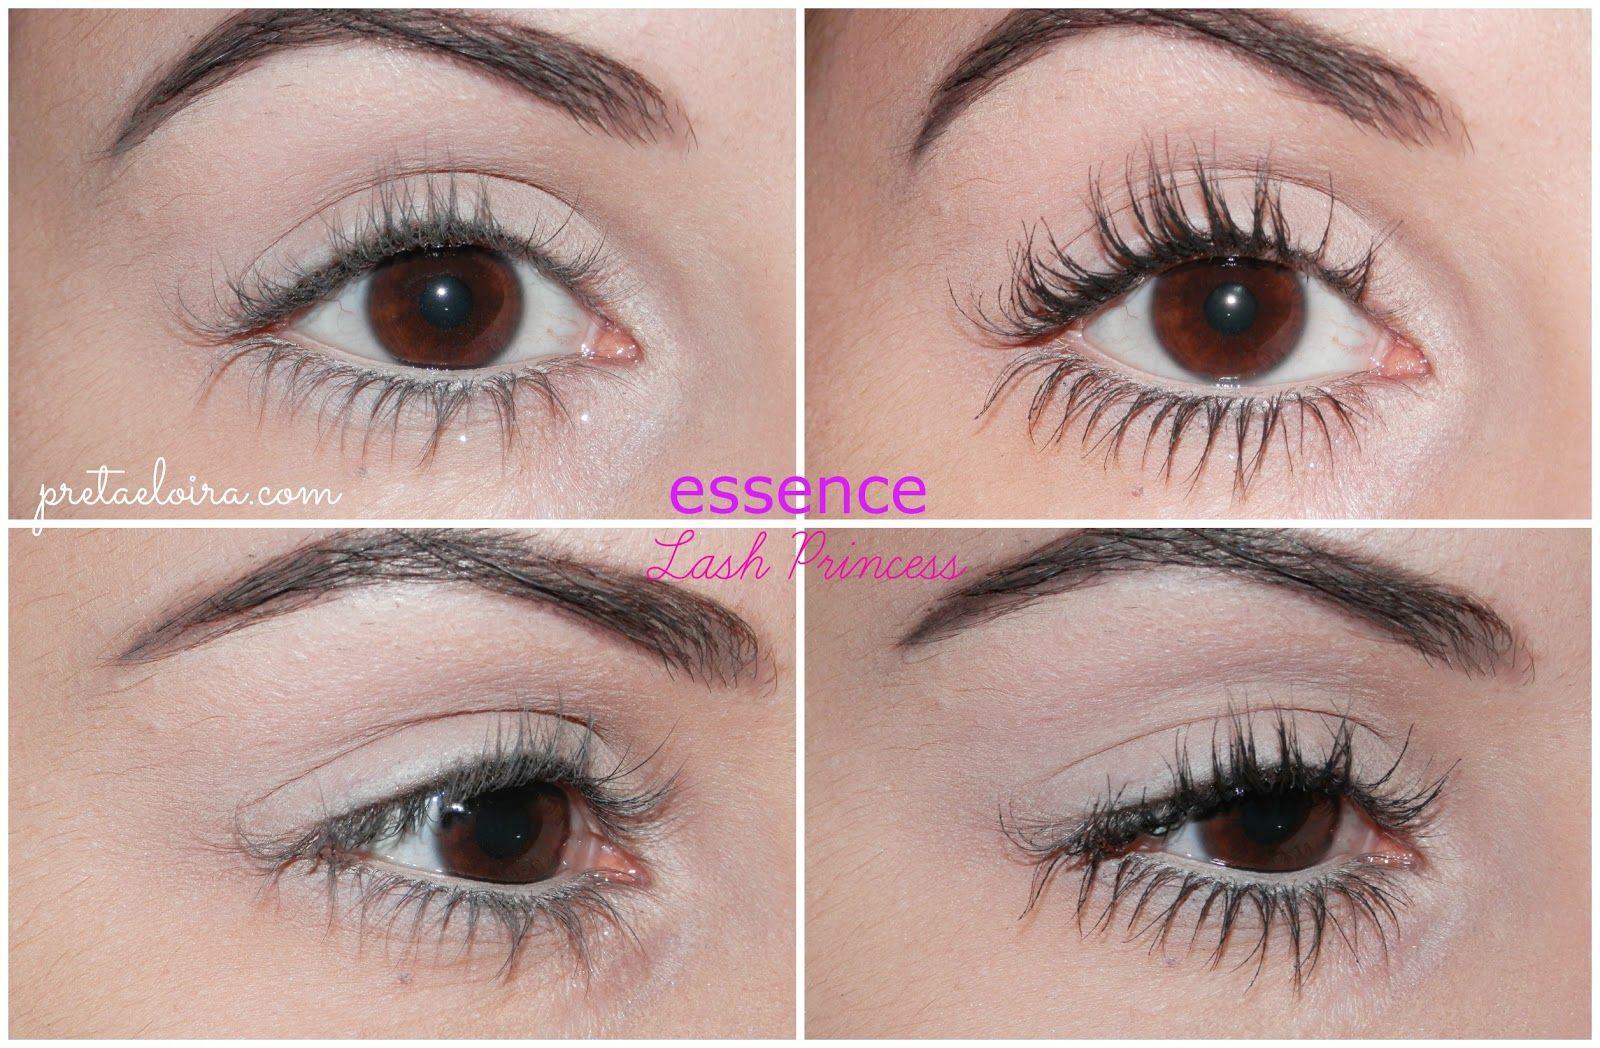 Essence Lash Princess Makeup Pinterest Makeup